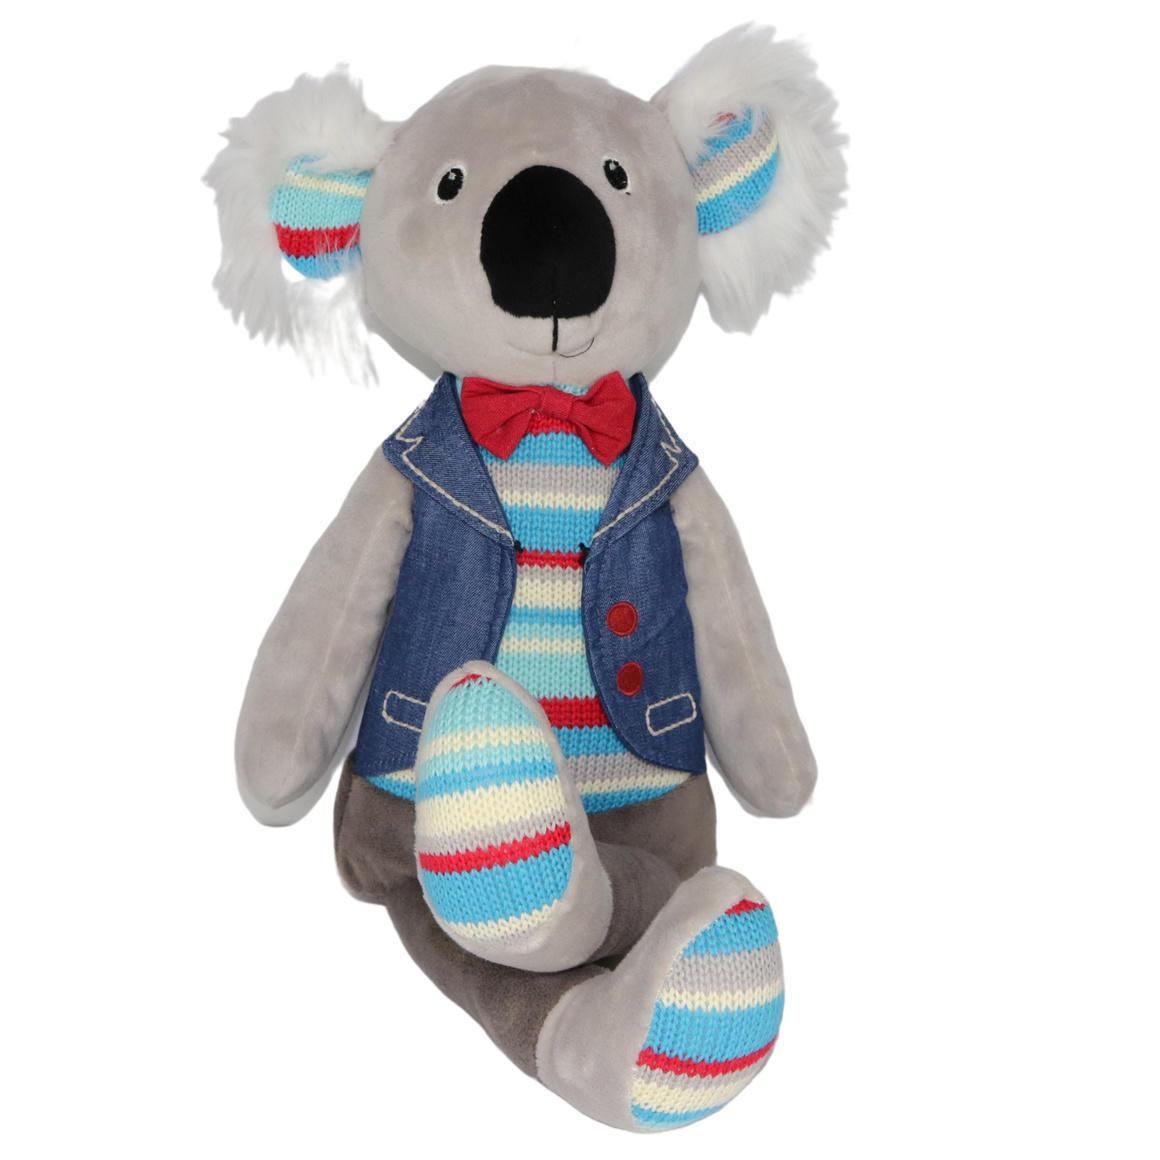 Plush Toy Koala - Blue/Bowtie/Jacket    Trada Marketplace